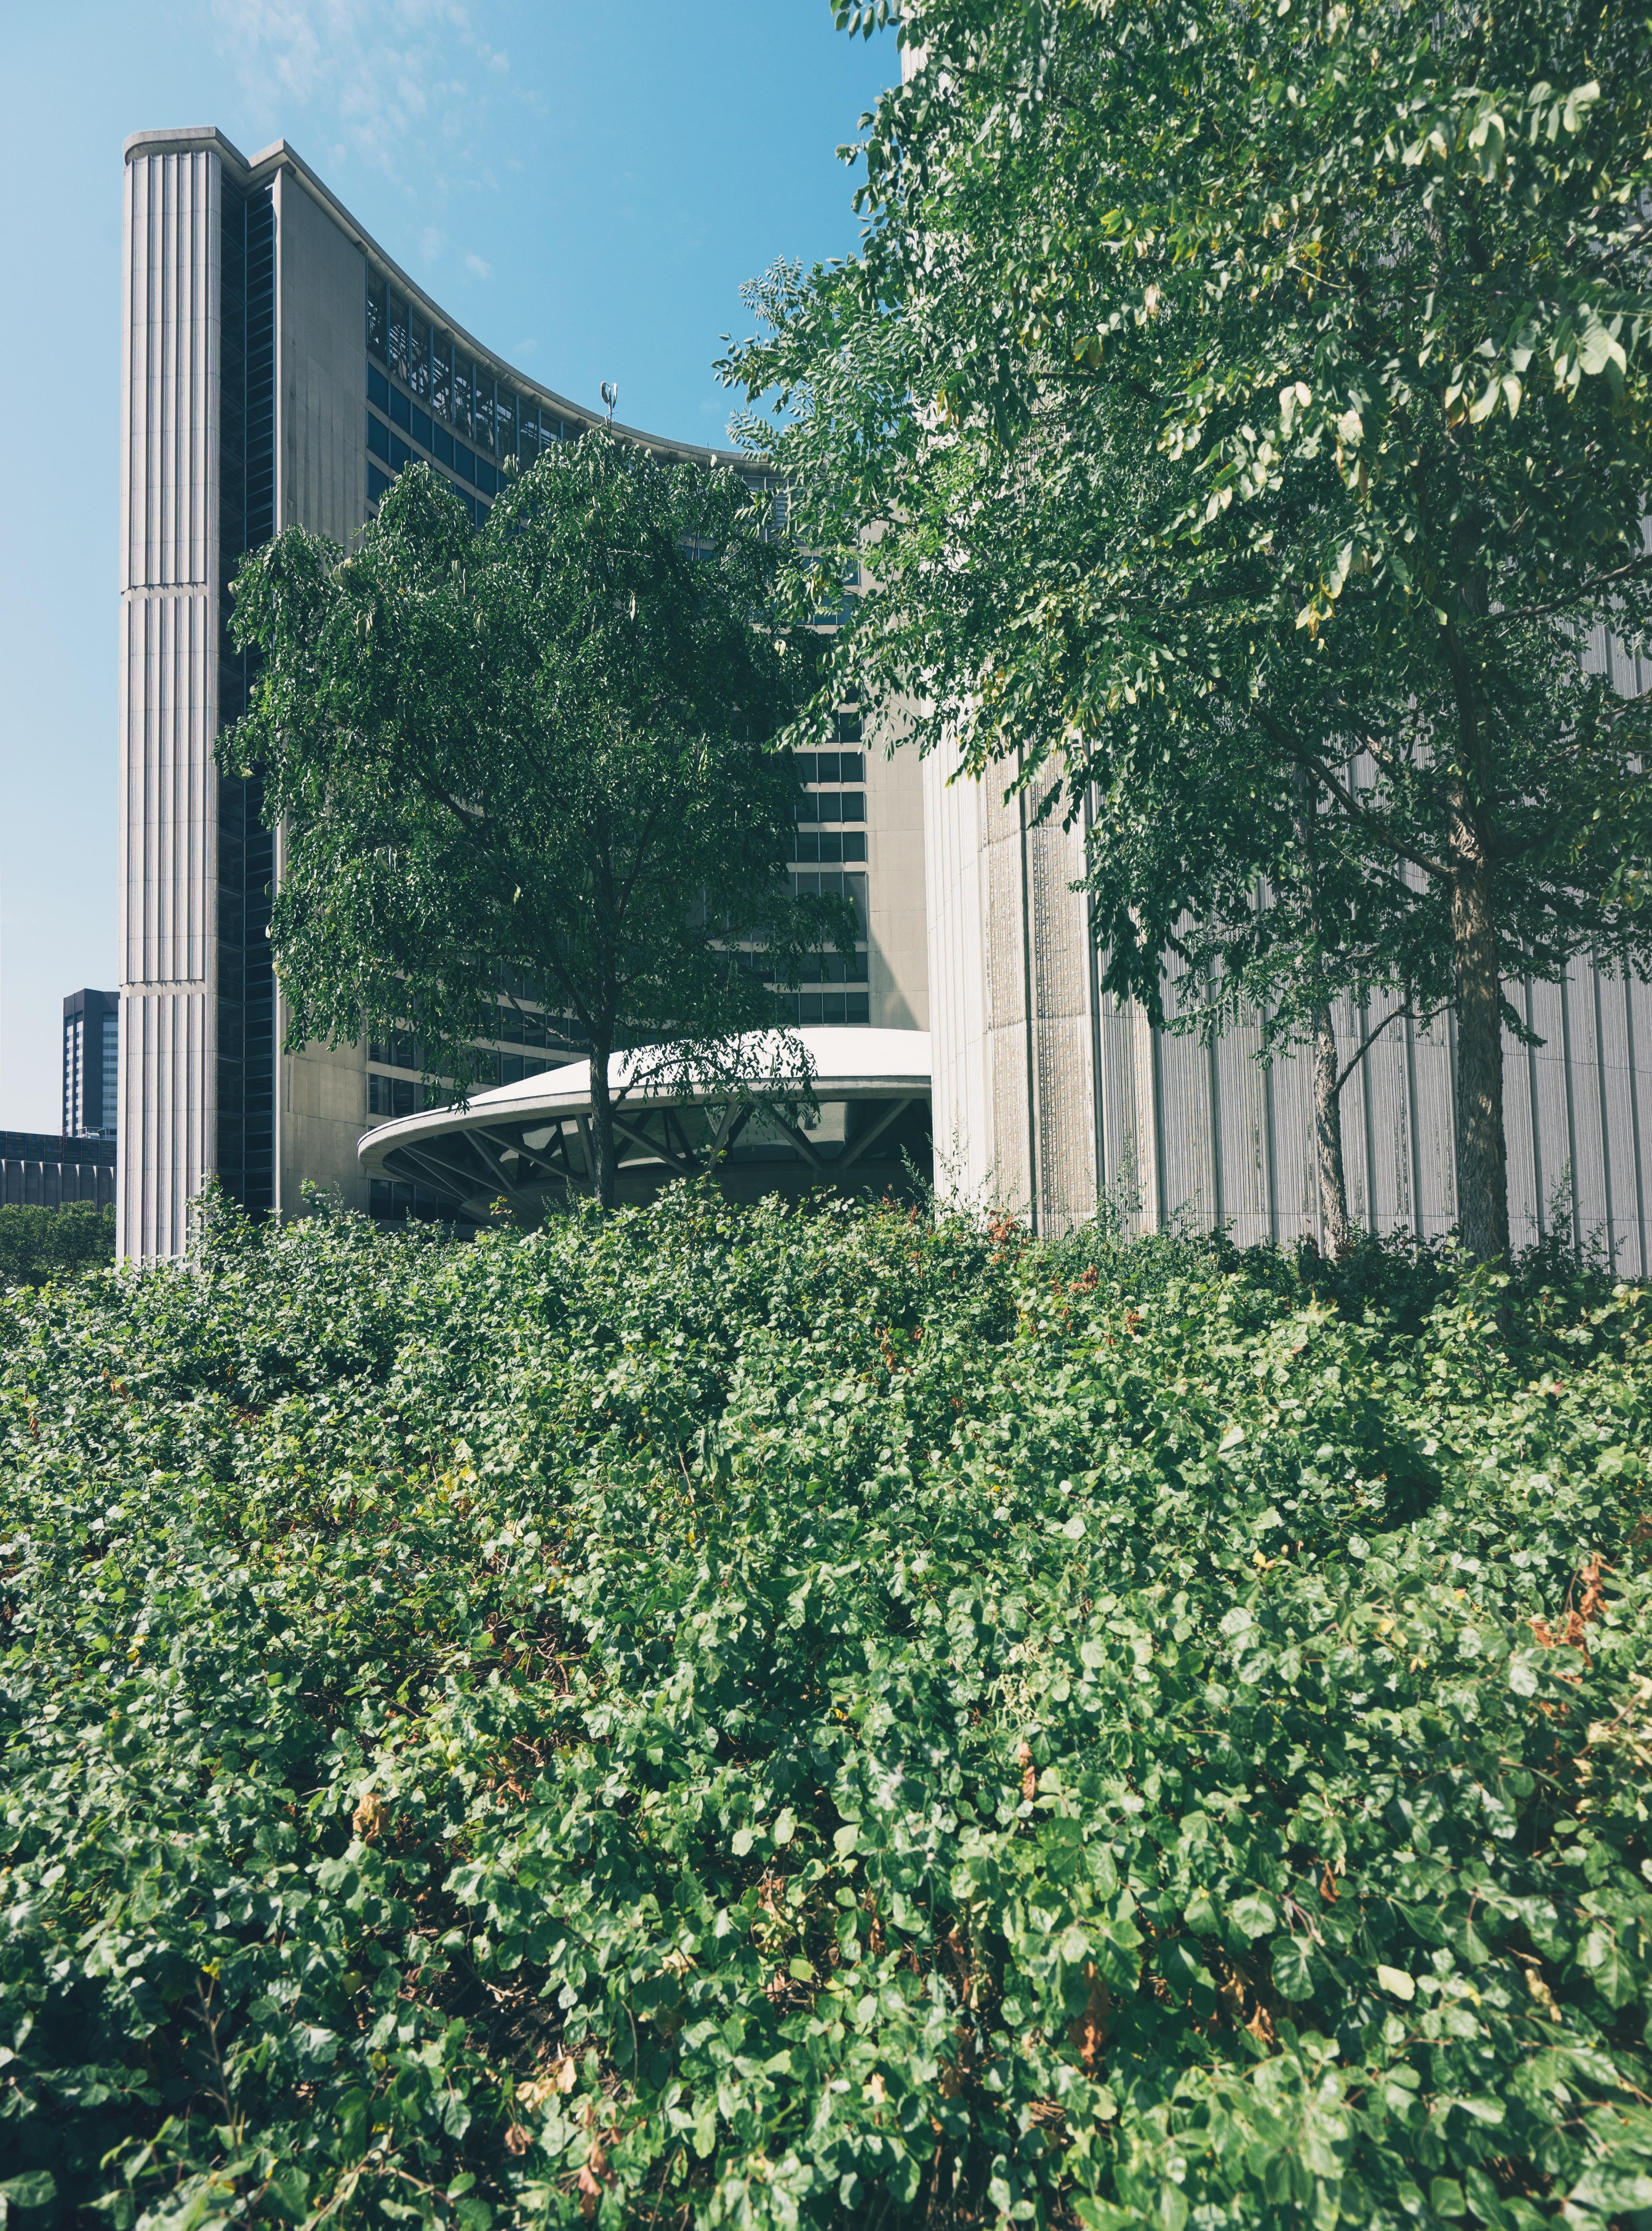 Images Gratuites : arbre, plante, pelouse, maison, feuille ...